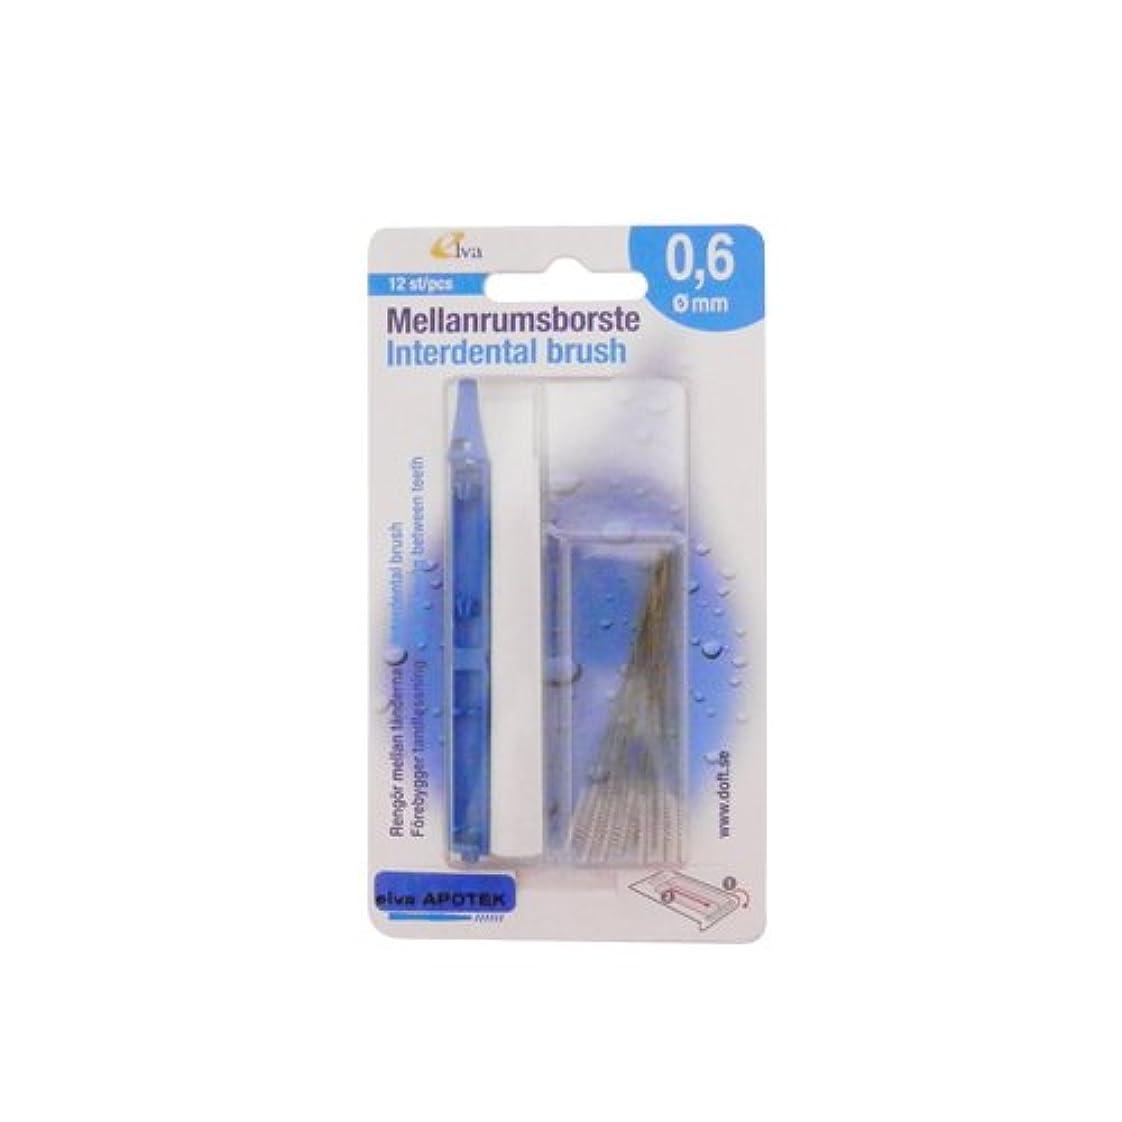 セグメント百年予報エルバ アポテック 歯間ブラシ ELVA APOTEK 12本入 ライトブルー 0.6mm